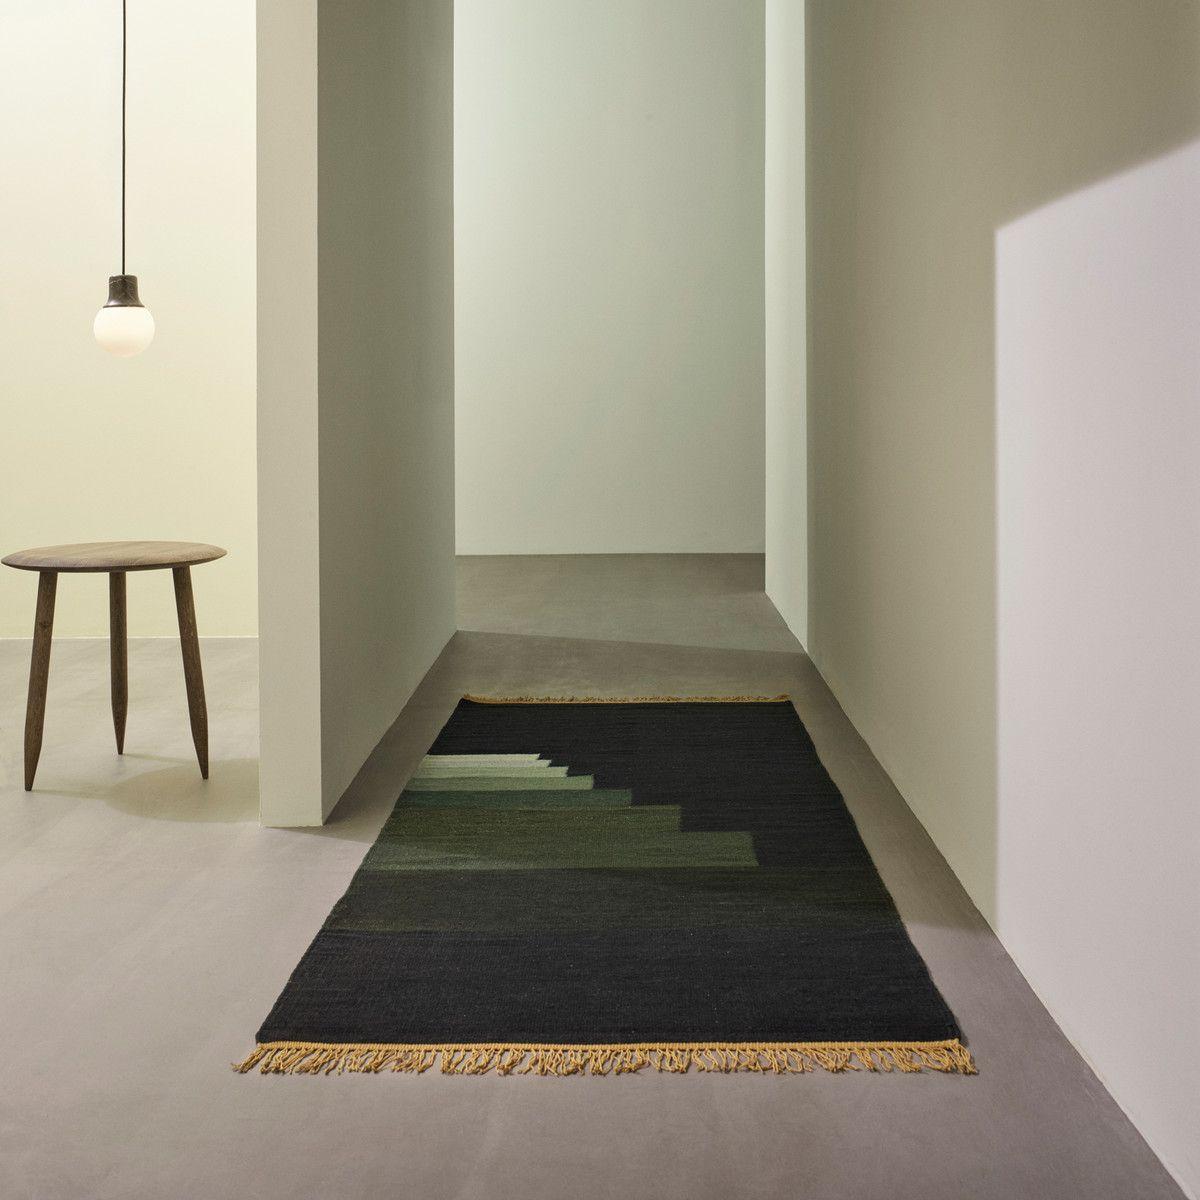 Brilliant Teppich Flur Sammlung Von &tradition - Another Rug Ap3 Teppich, 170